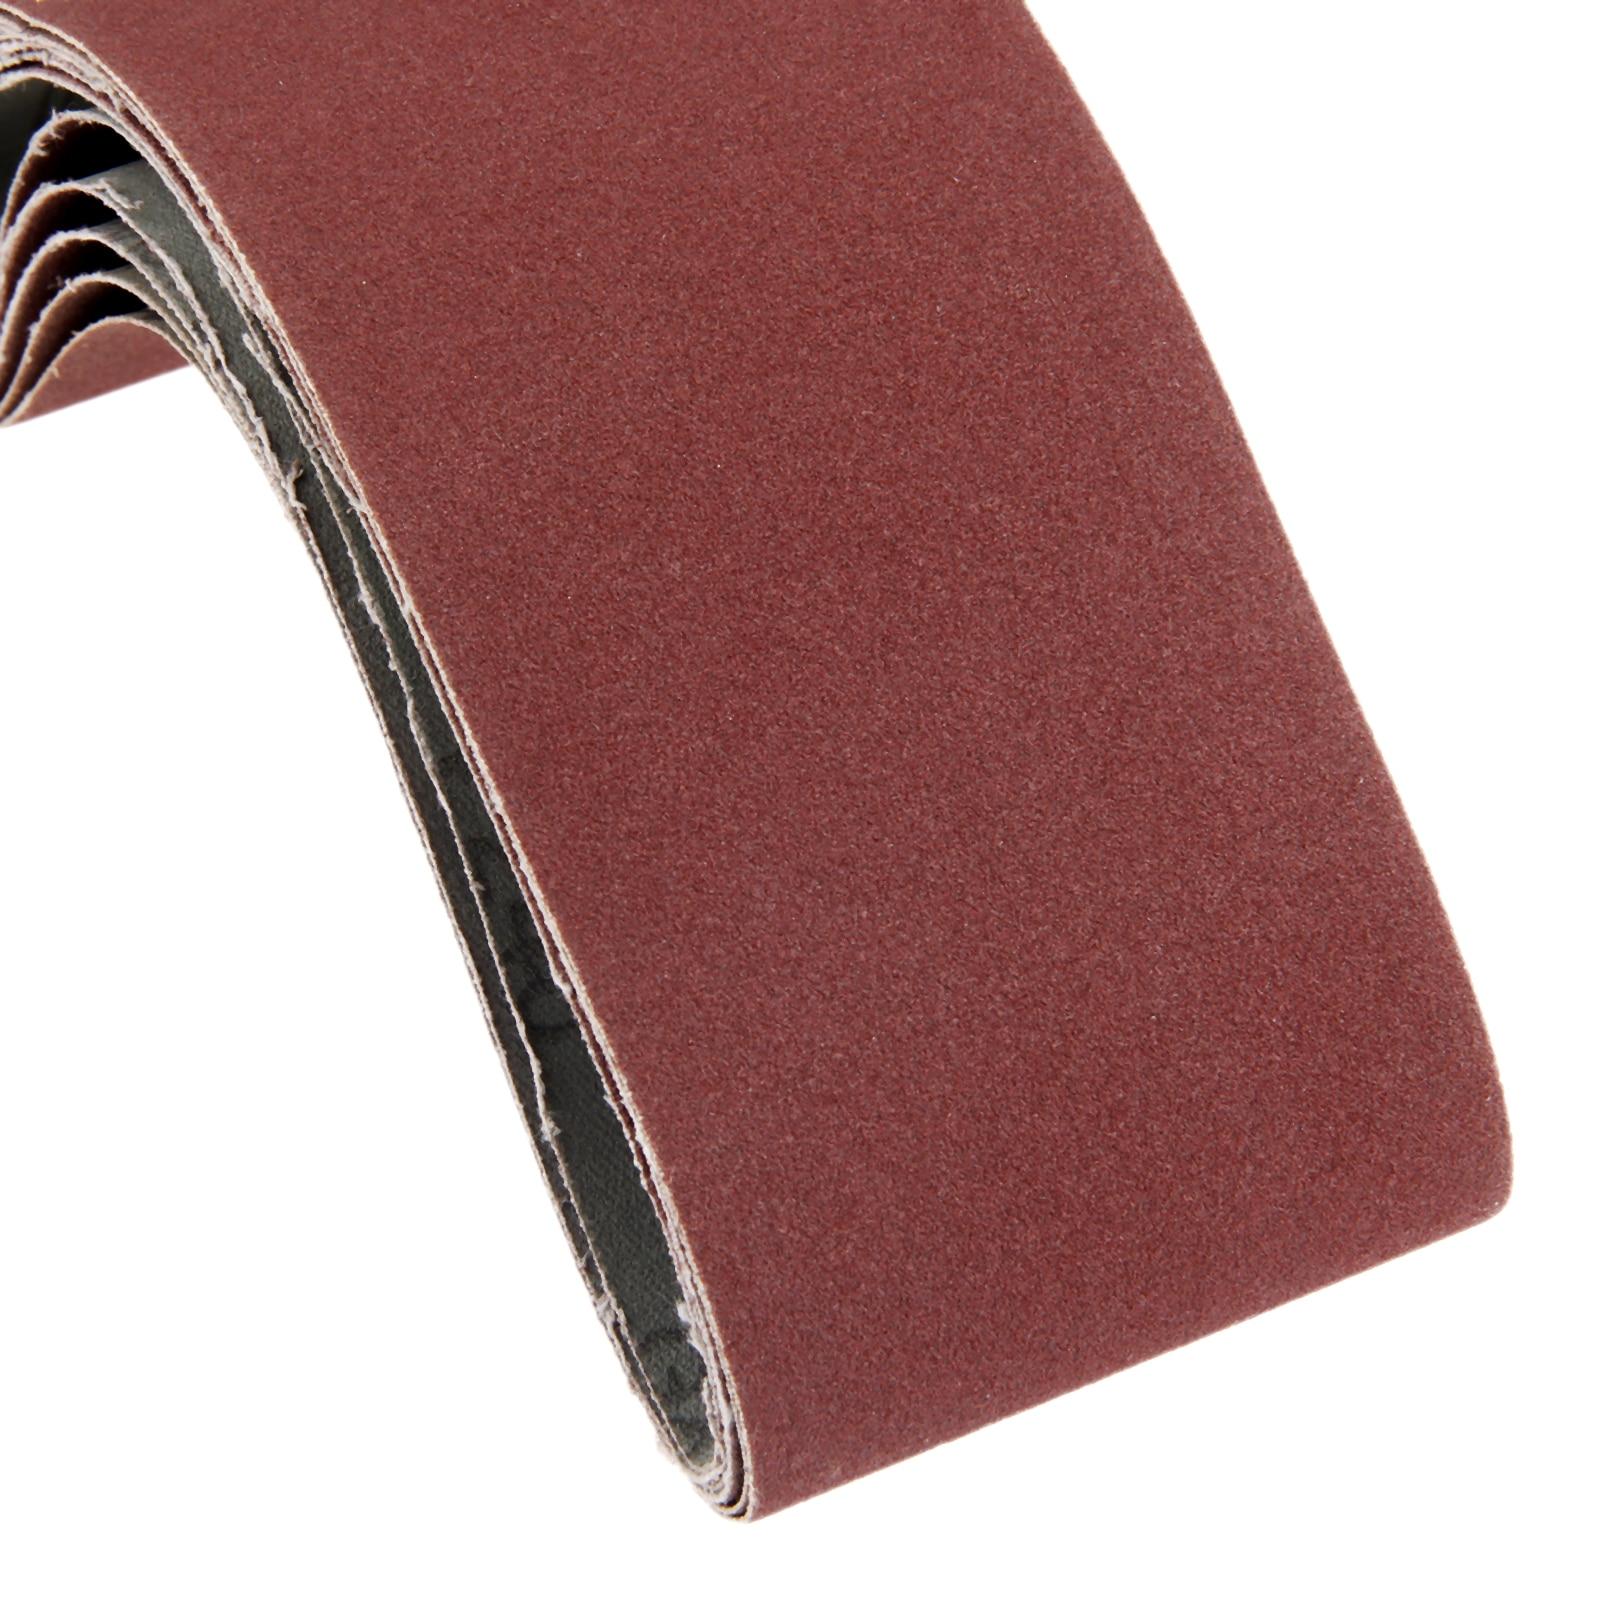 textile Bandes abrasives Powertool 5 pi/èces travail du bois polissage du m/étal Outil abrasif pour mat/ériaux de construction